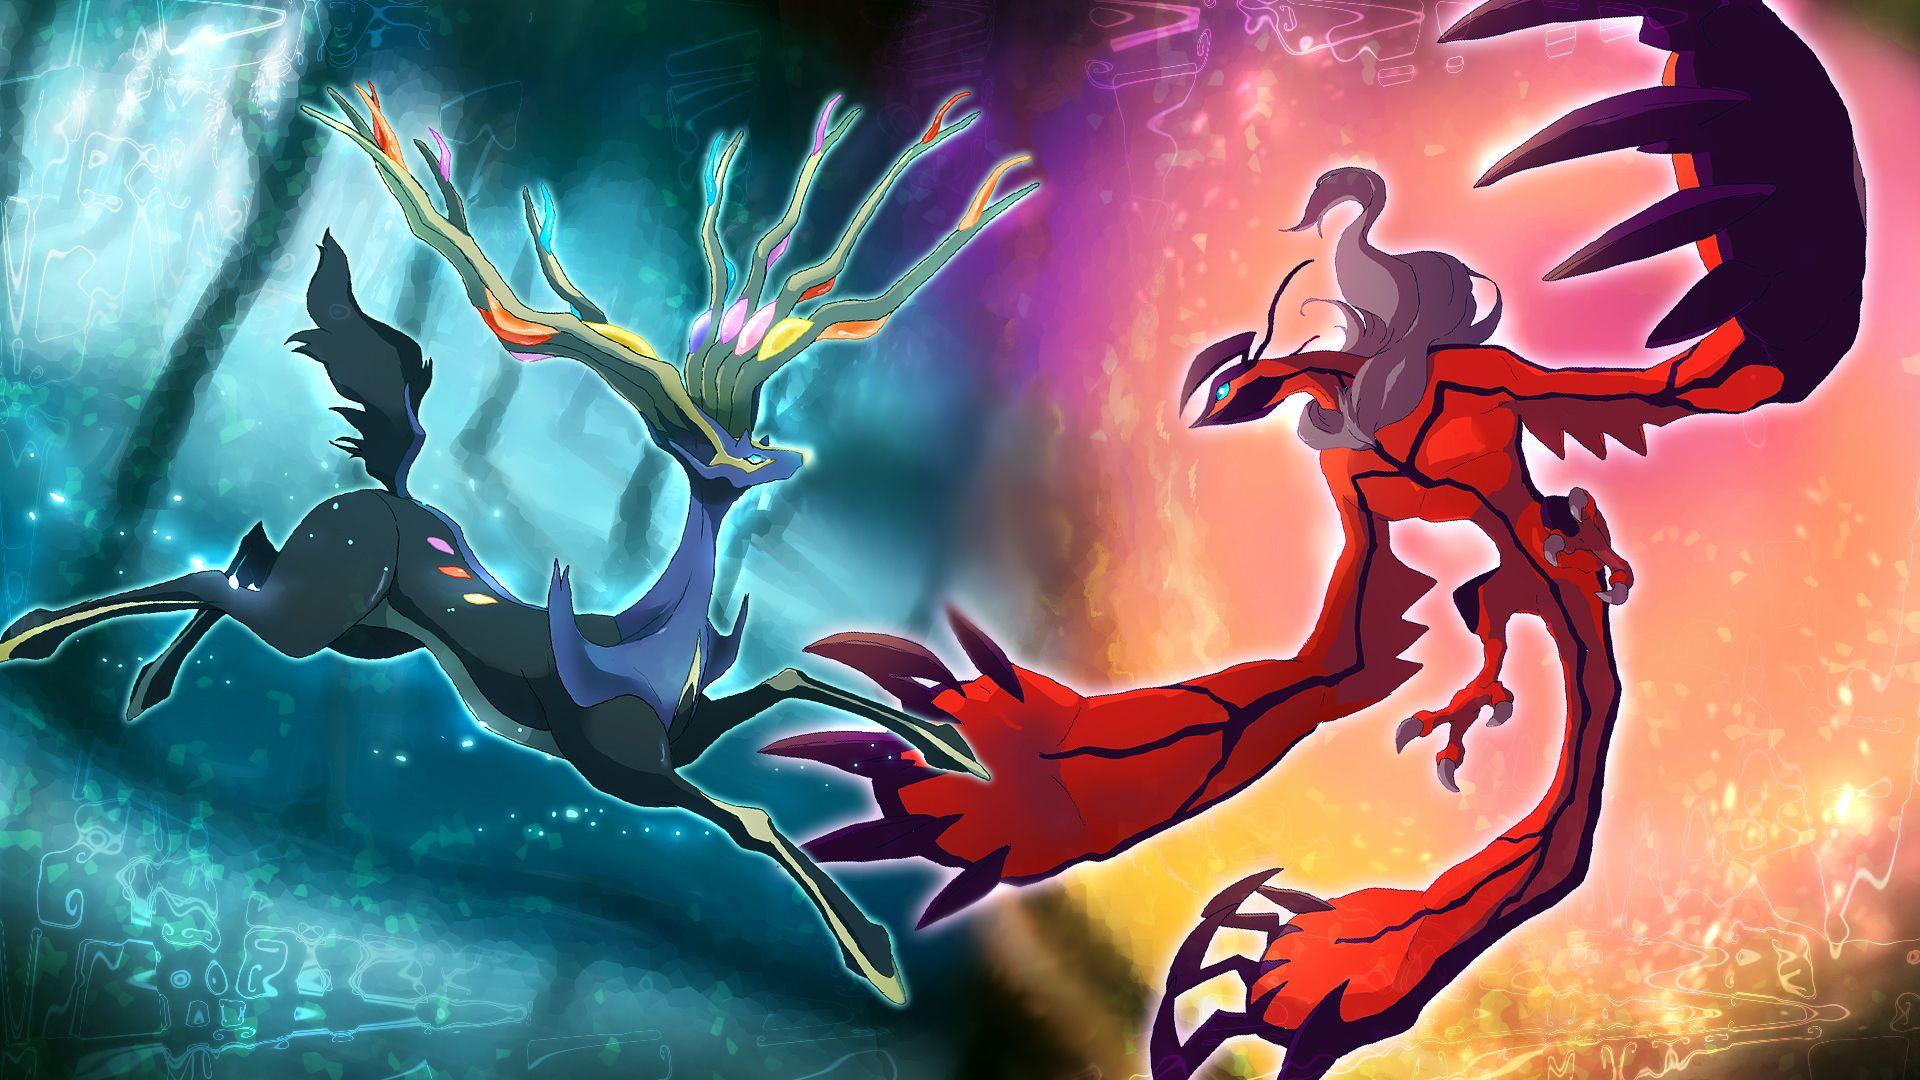 All Legendary Pokemon Pokemon Pictures Pokemon Backgrounds